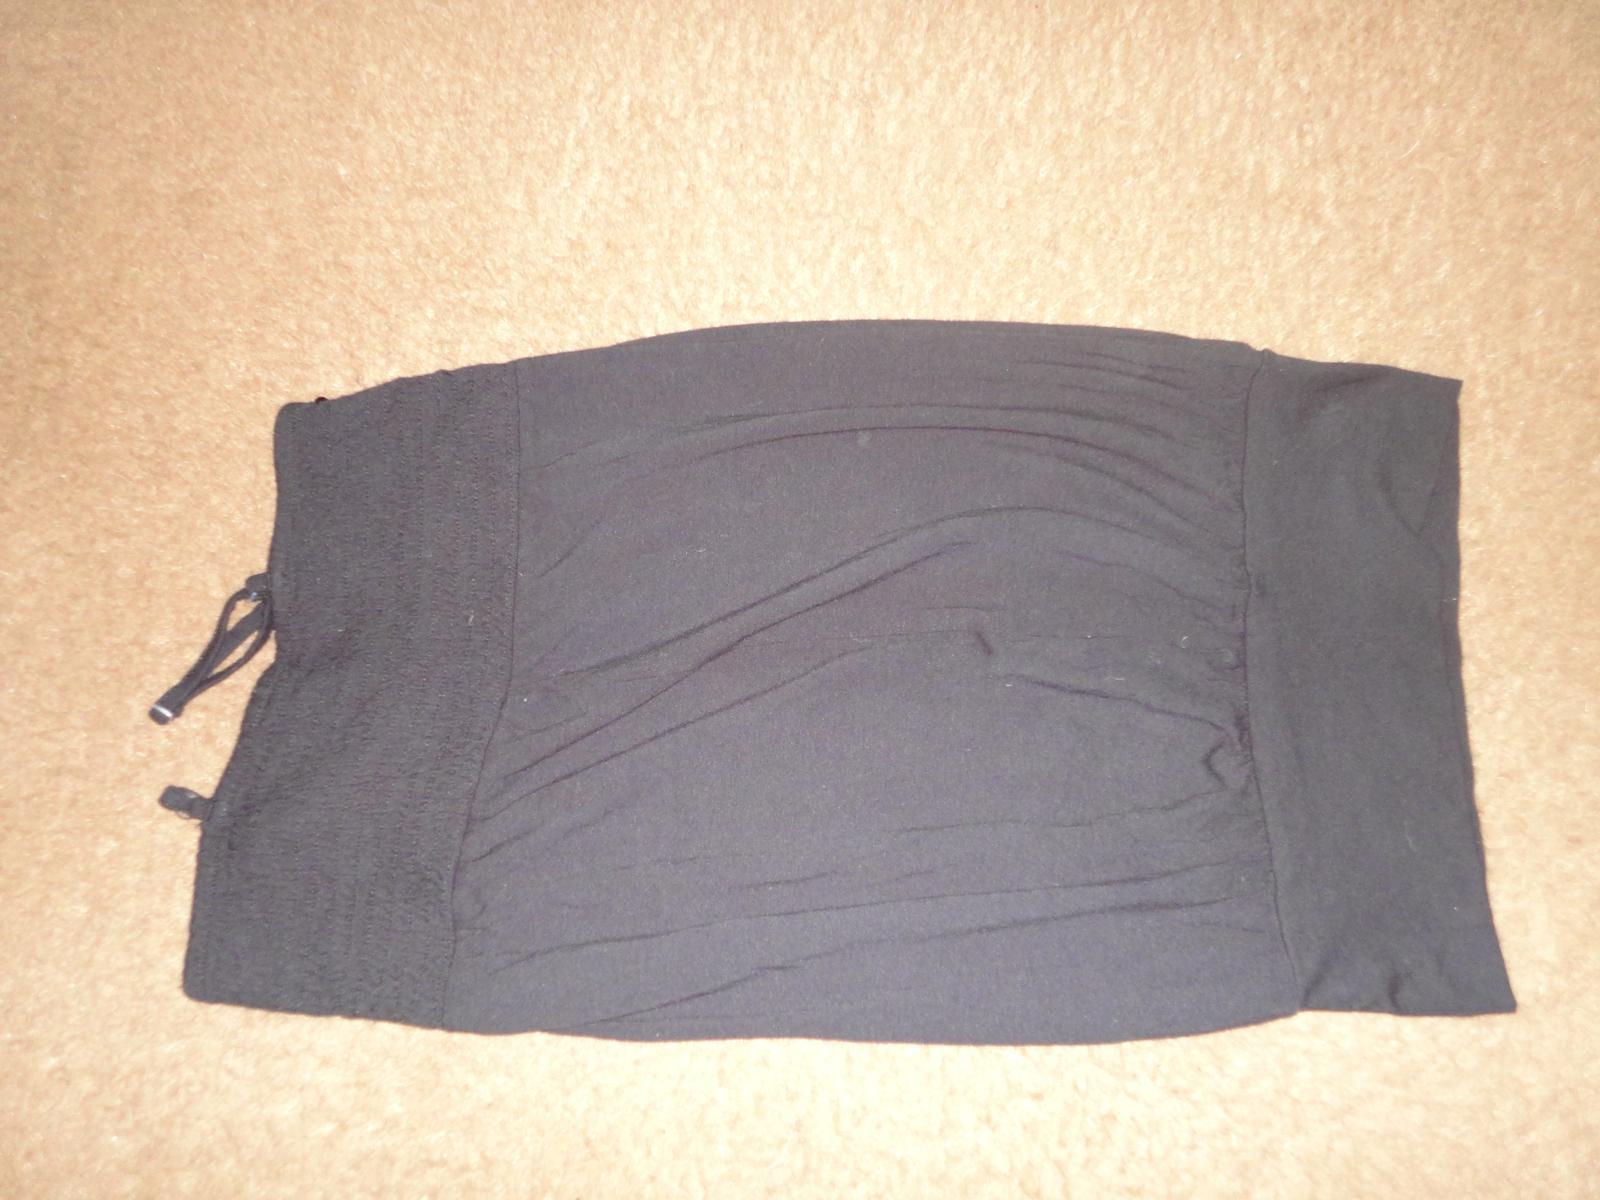 čierné tričko, tunika  - Obrázok č. 4